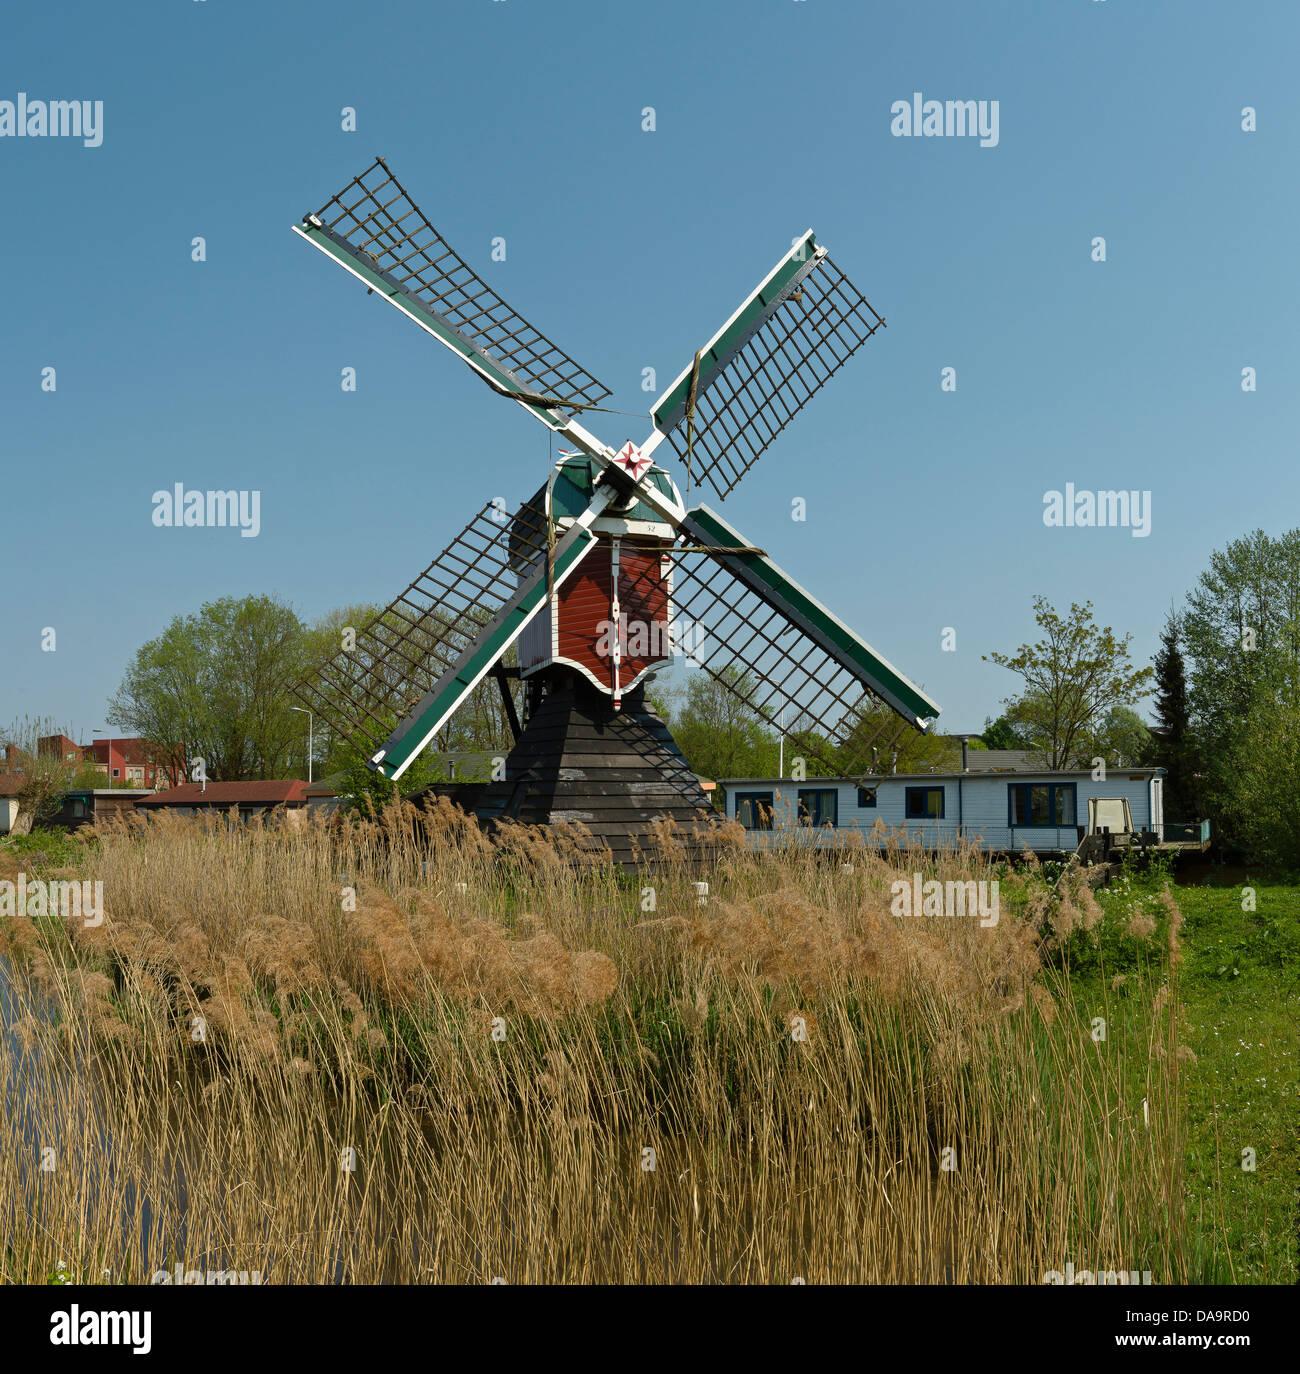 niederlande holland europa leiden windm hle windm hlen fr hling stockfoto bild 57993628. Black Bedroom Furniture Sets. Home Design Ideas